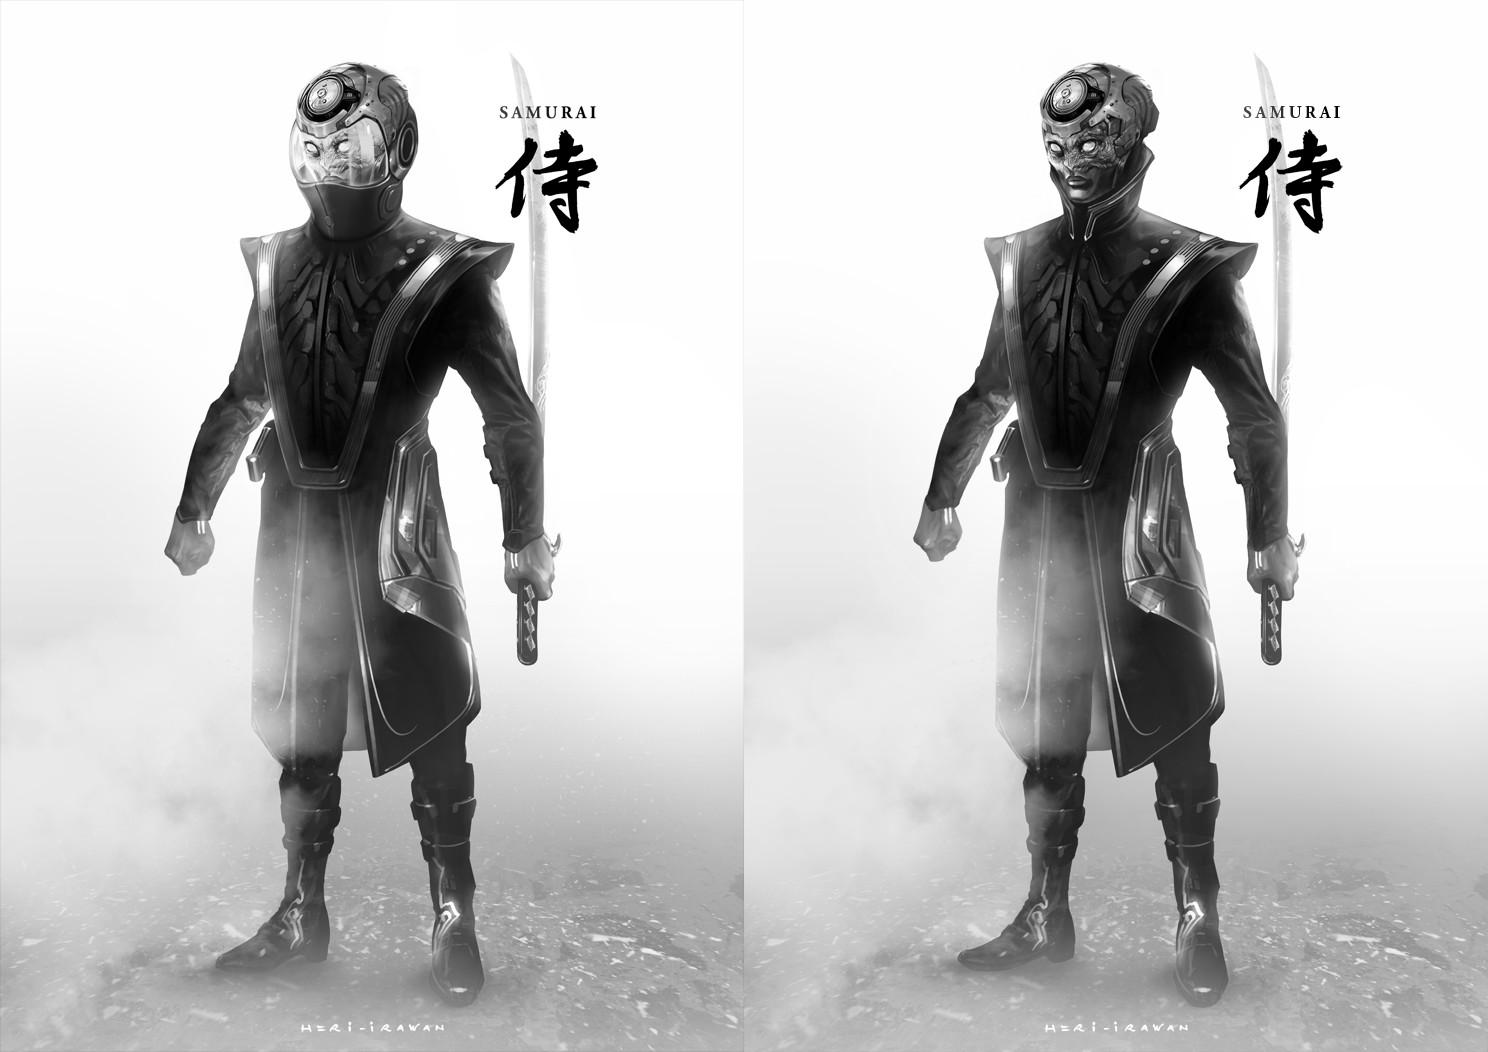 Heri irawan samurai 02 bw